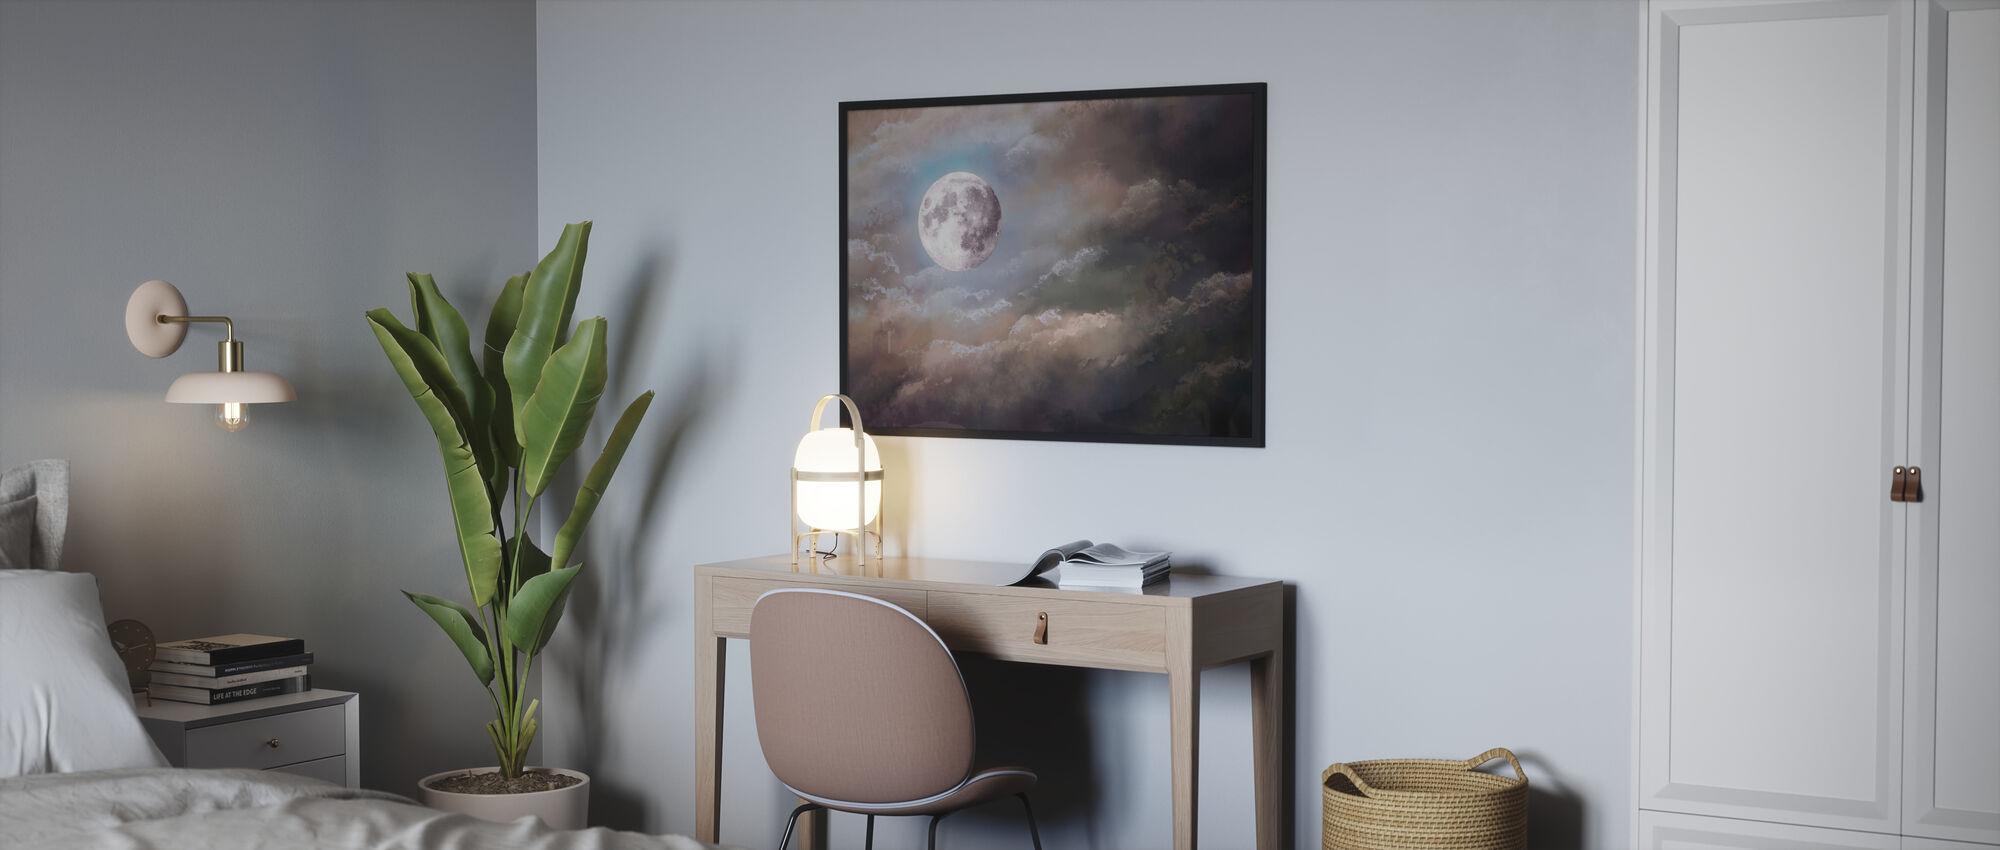 Full Moon Night - Poster - Bedroom